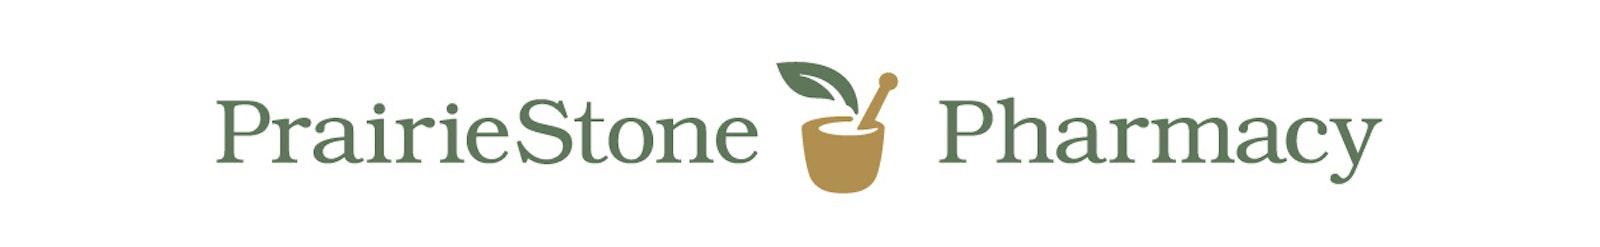 Prairie Stone logo2